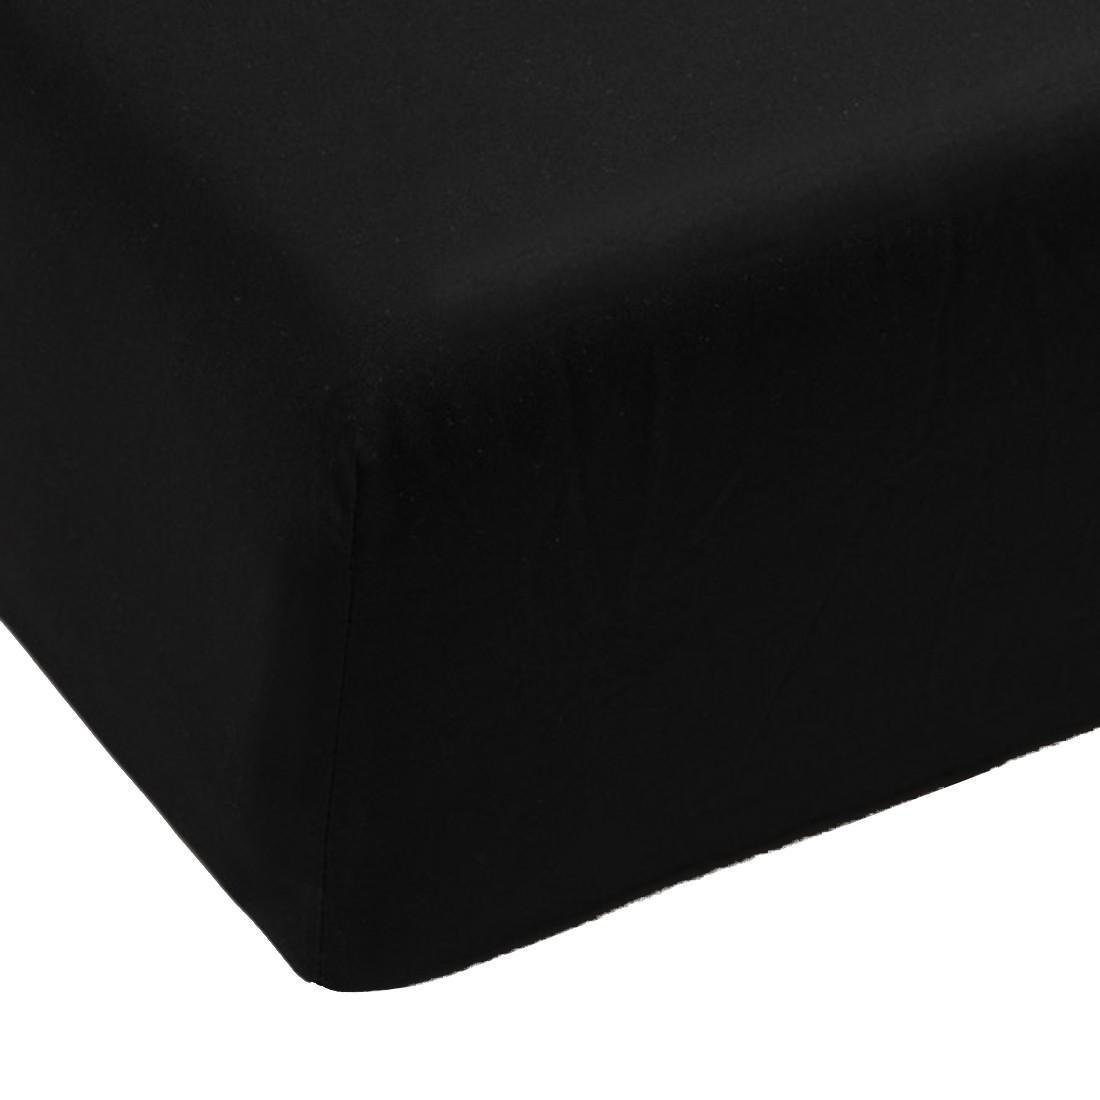 Spannbettlaken Perkal – Schwarz – Baumwolle – Abmessungen 200x80x35cm, BH online kaufen